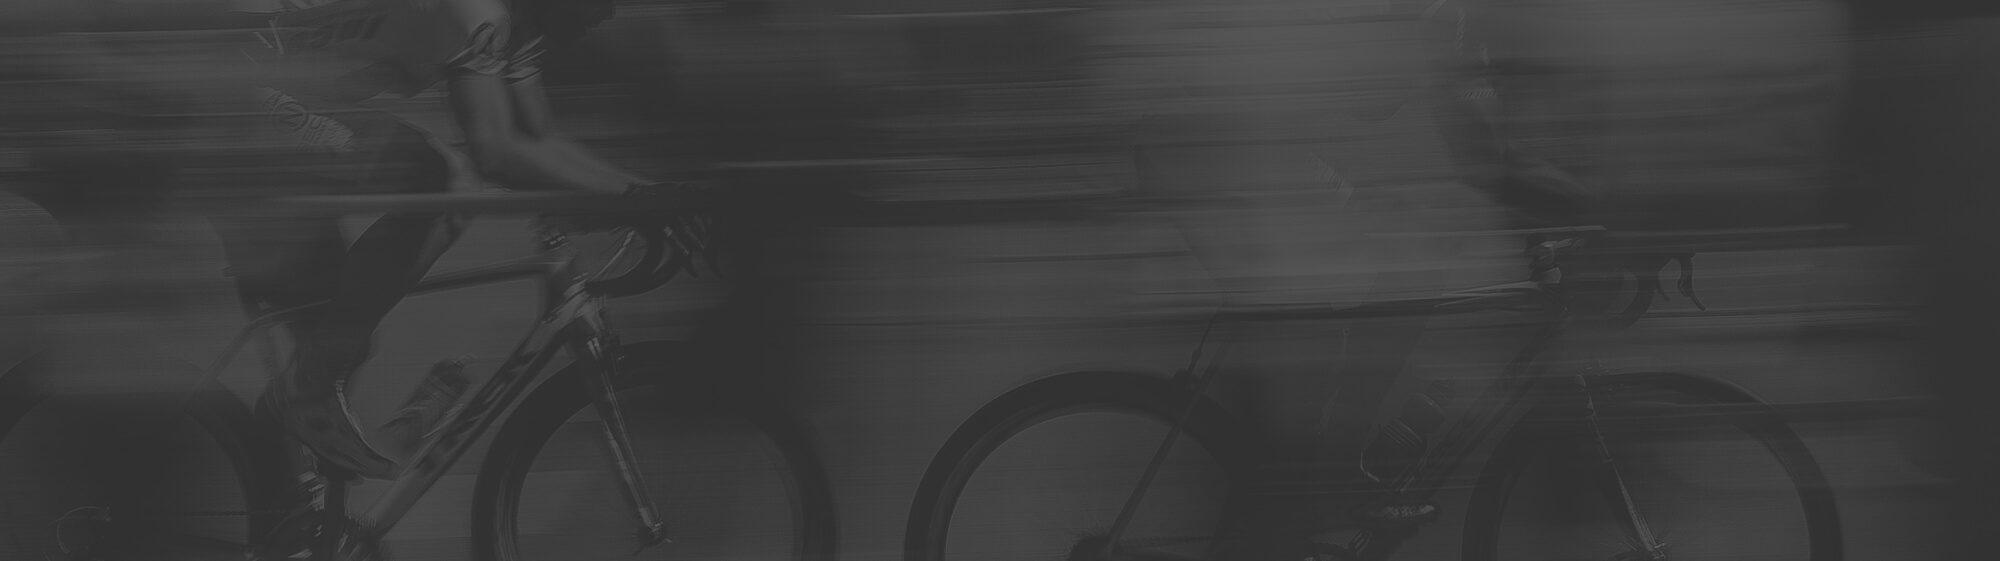 e-bikes4you - banner